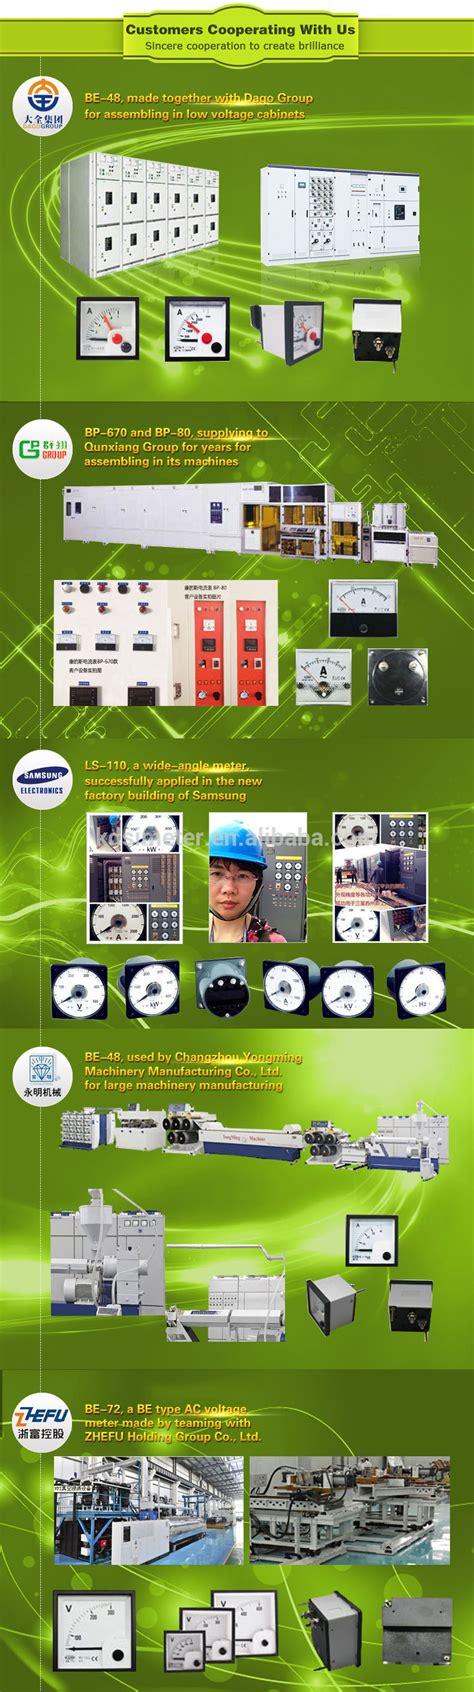 Gae Voltmeter Ac 96 500v 1 new model be 96 ac12kv 10kv 100v generator voltmeter